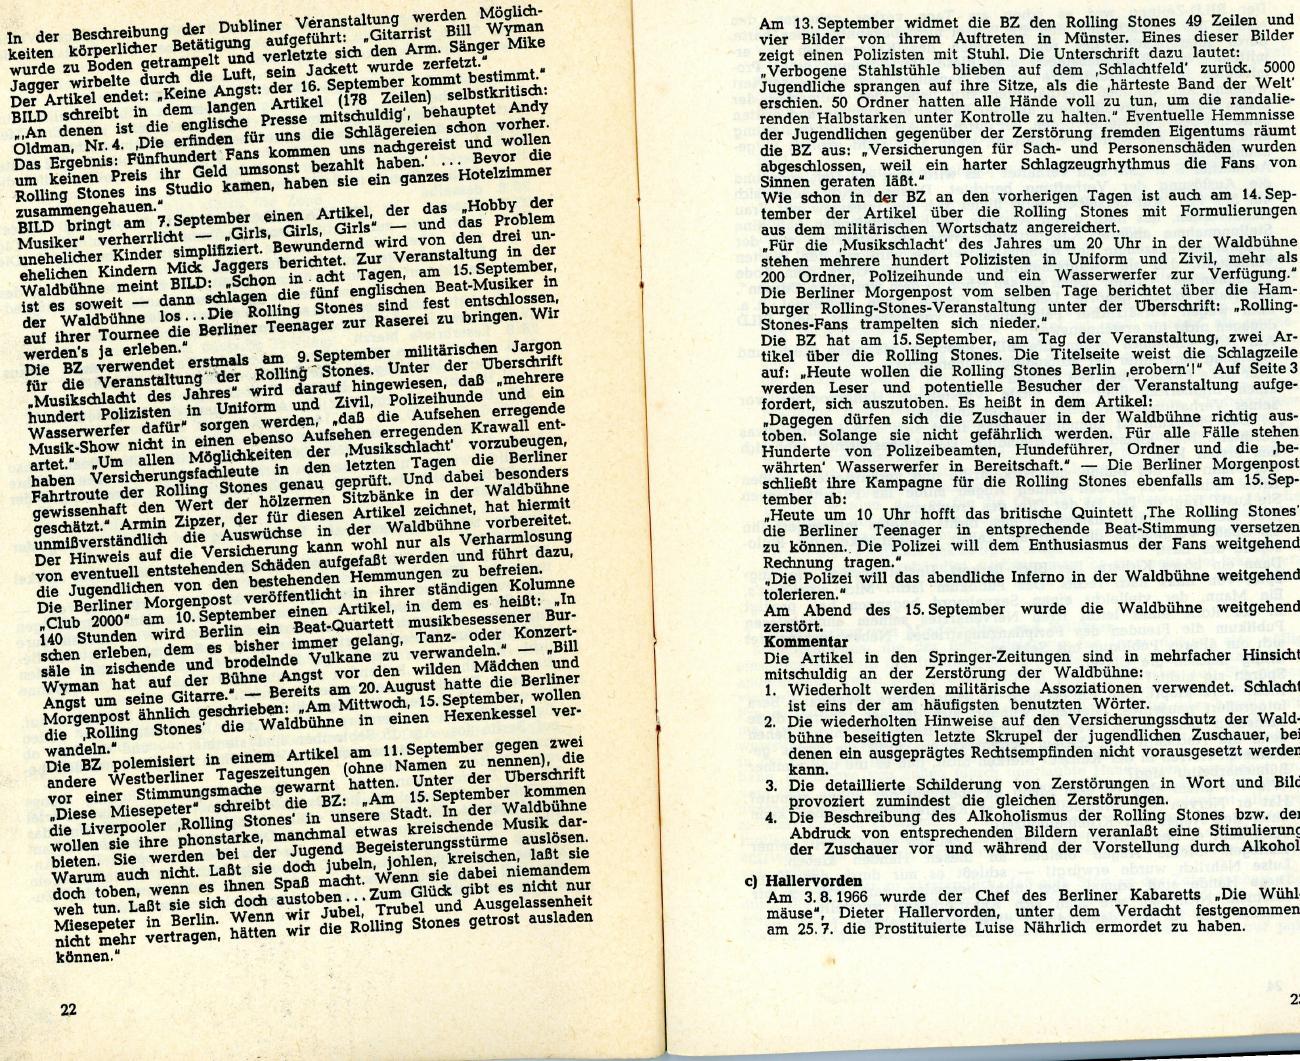 Berlin_RC_1967_Springer_enteignen_14